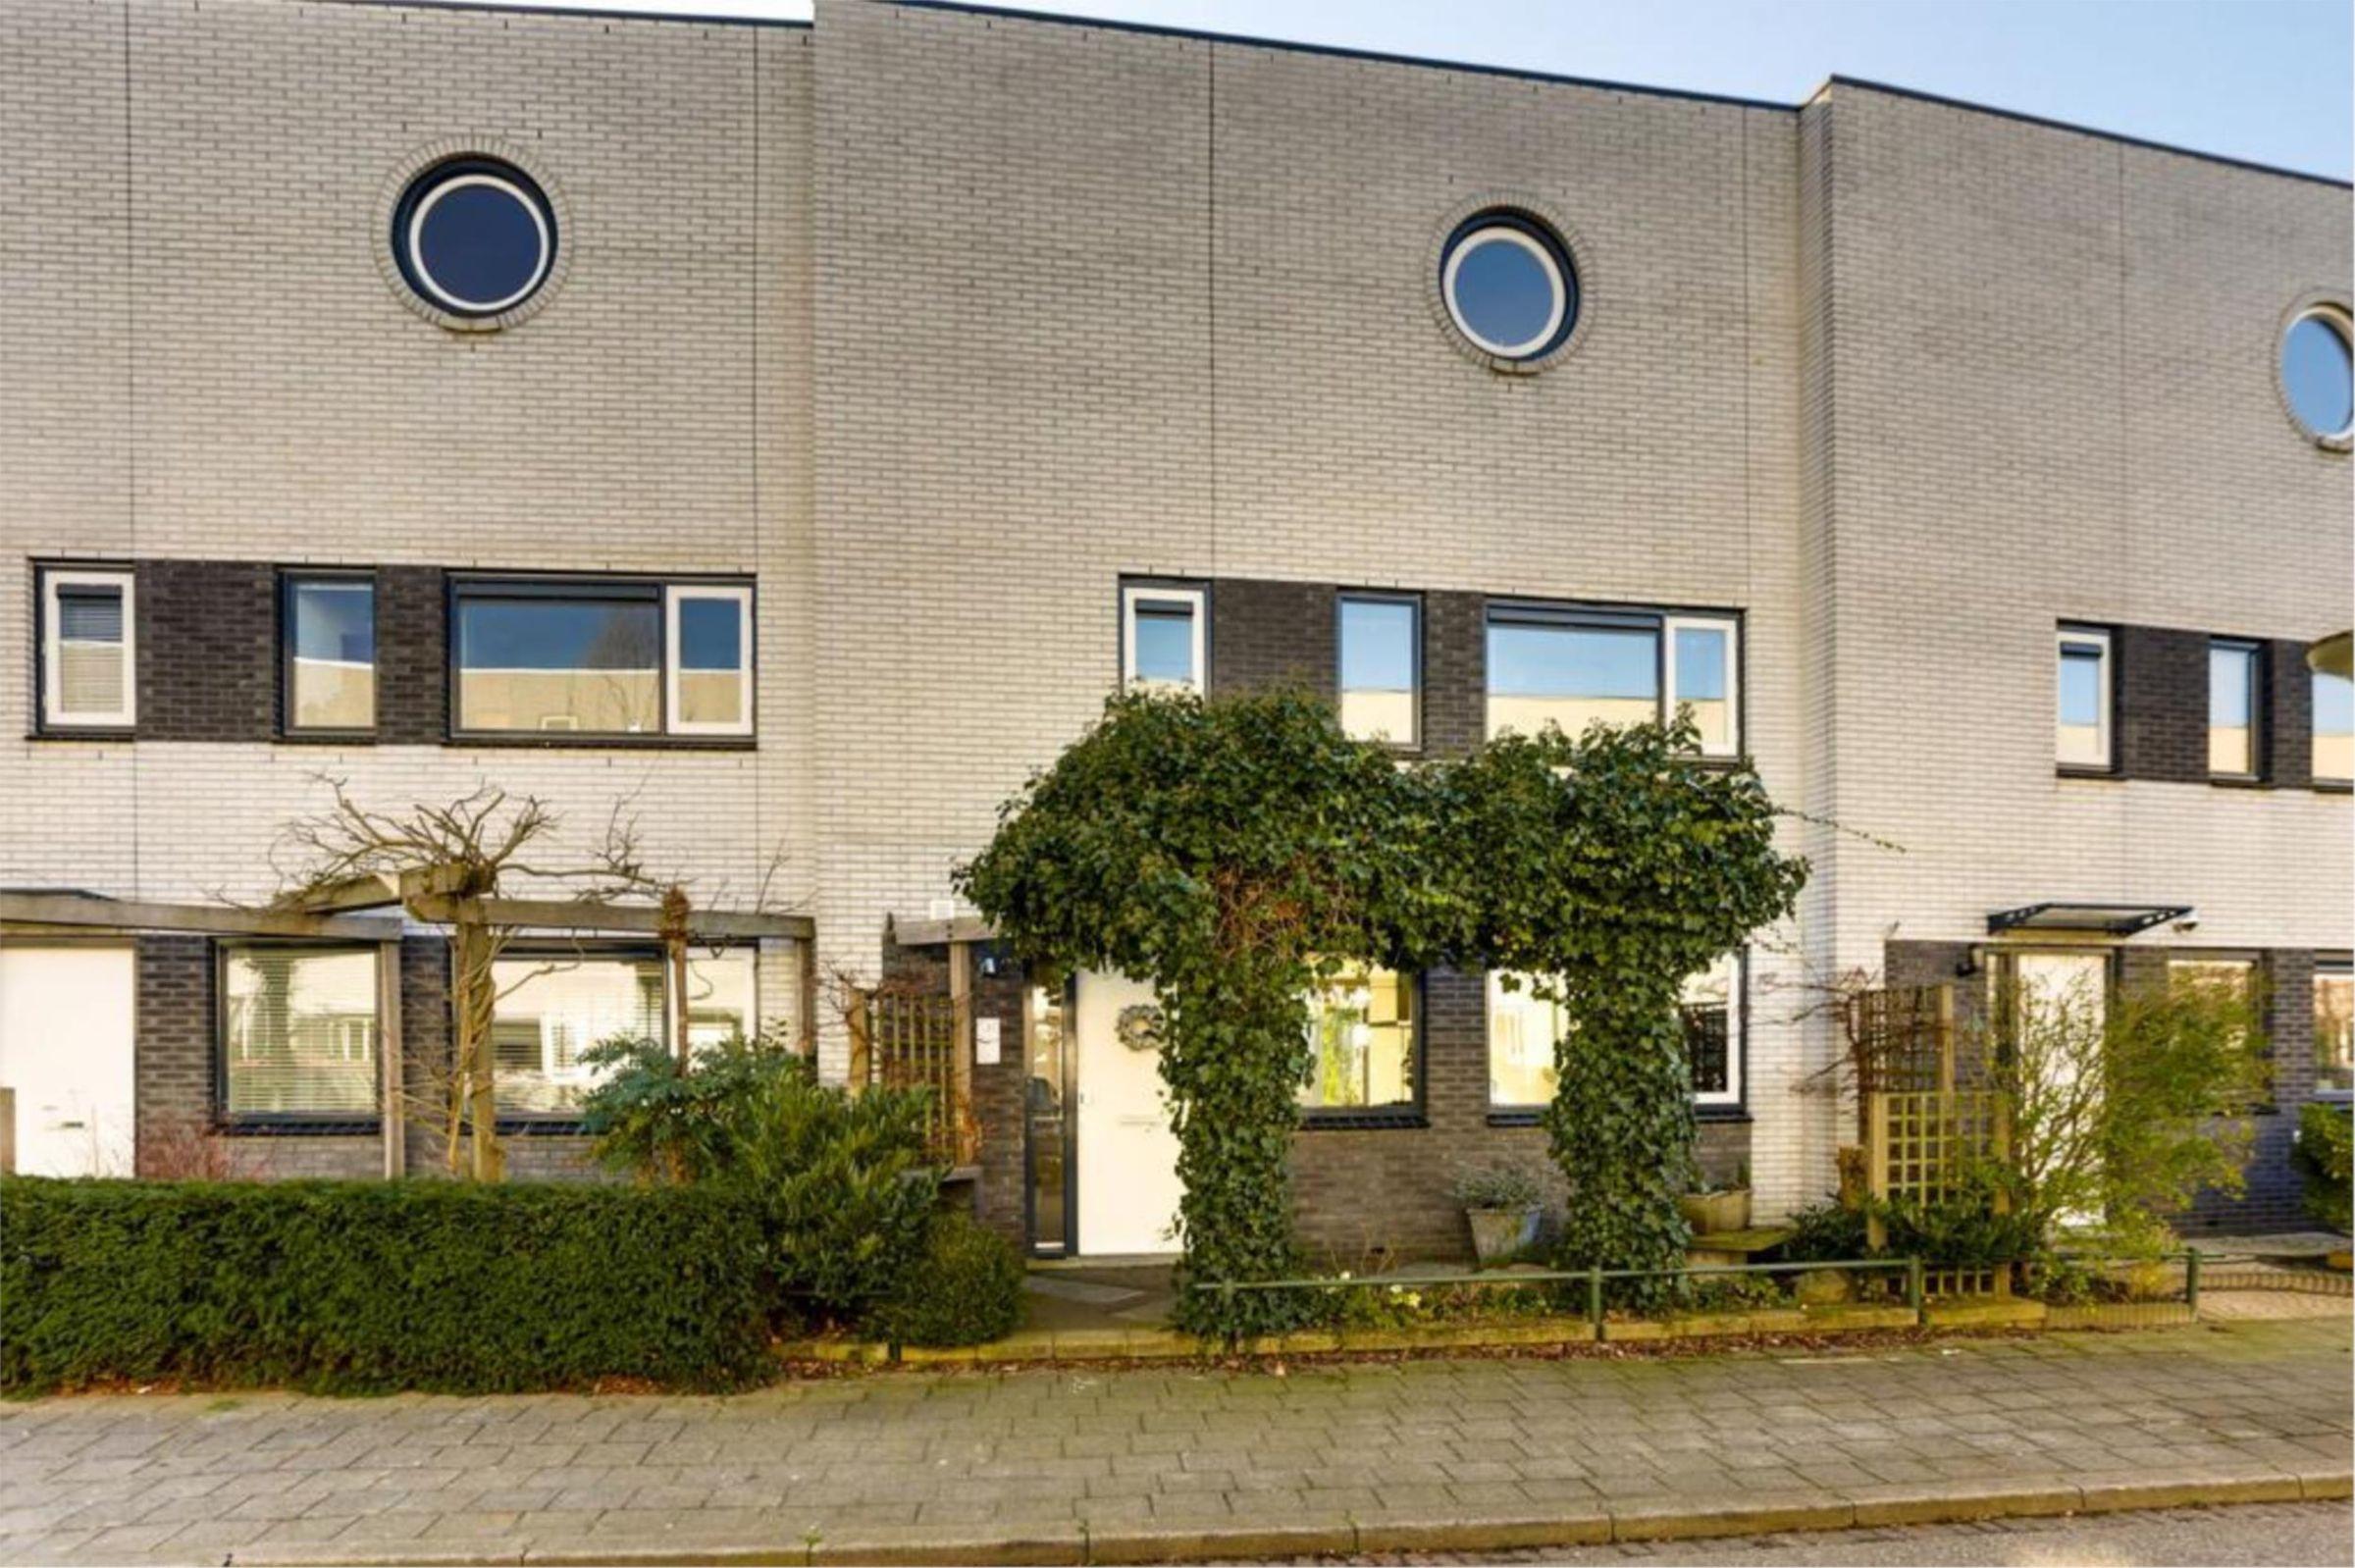 Aburahout 26, Zoetermeer